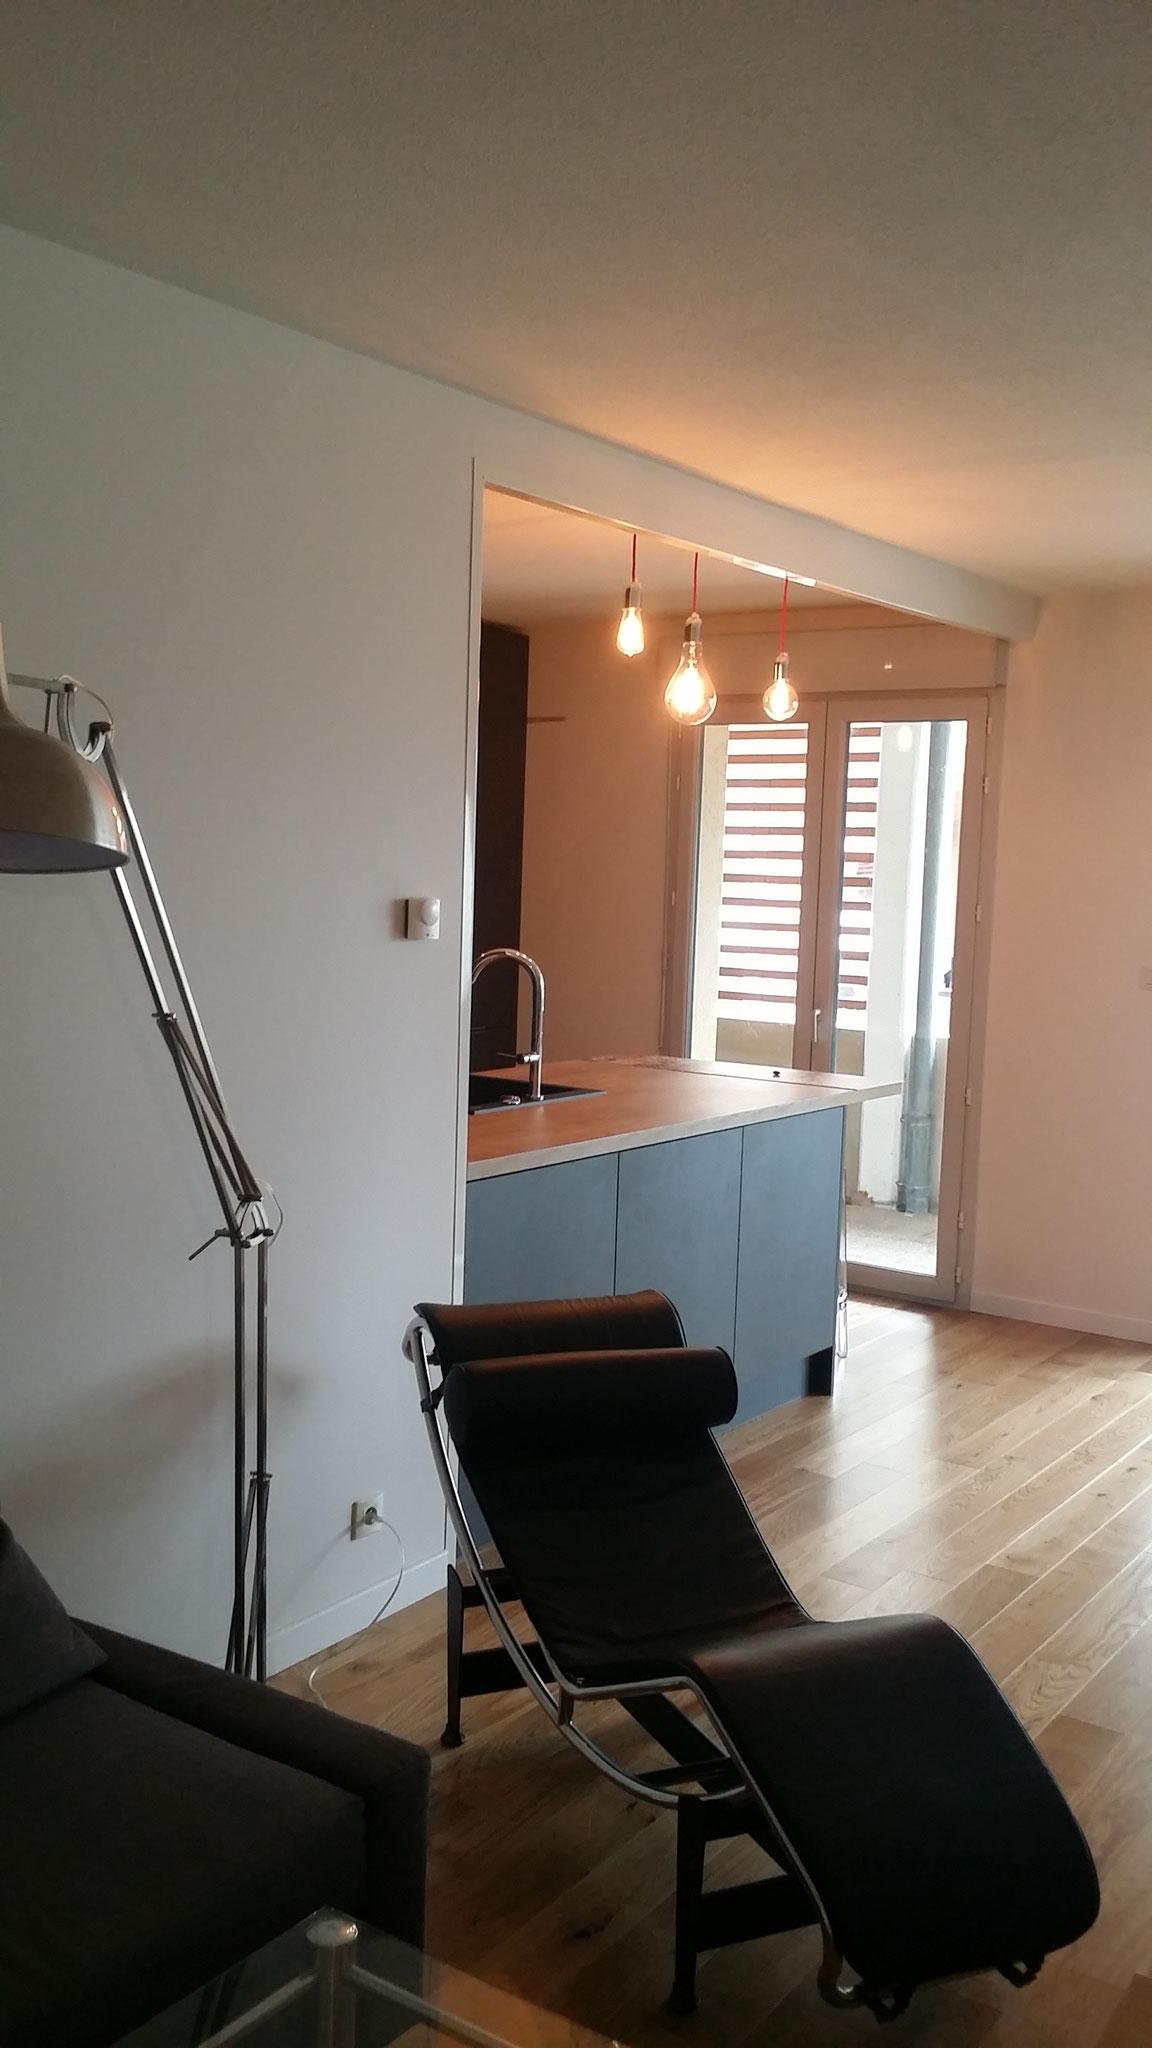 cuisine contemporaine et design effet beton graphite et bois avec ilot,mur technique par cuisine design Toulouse